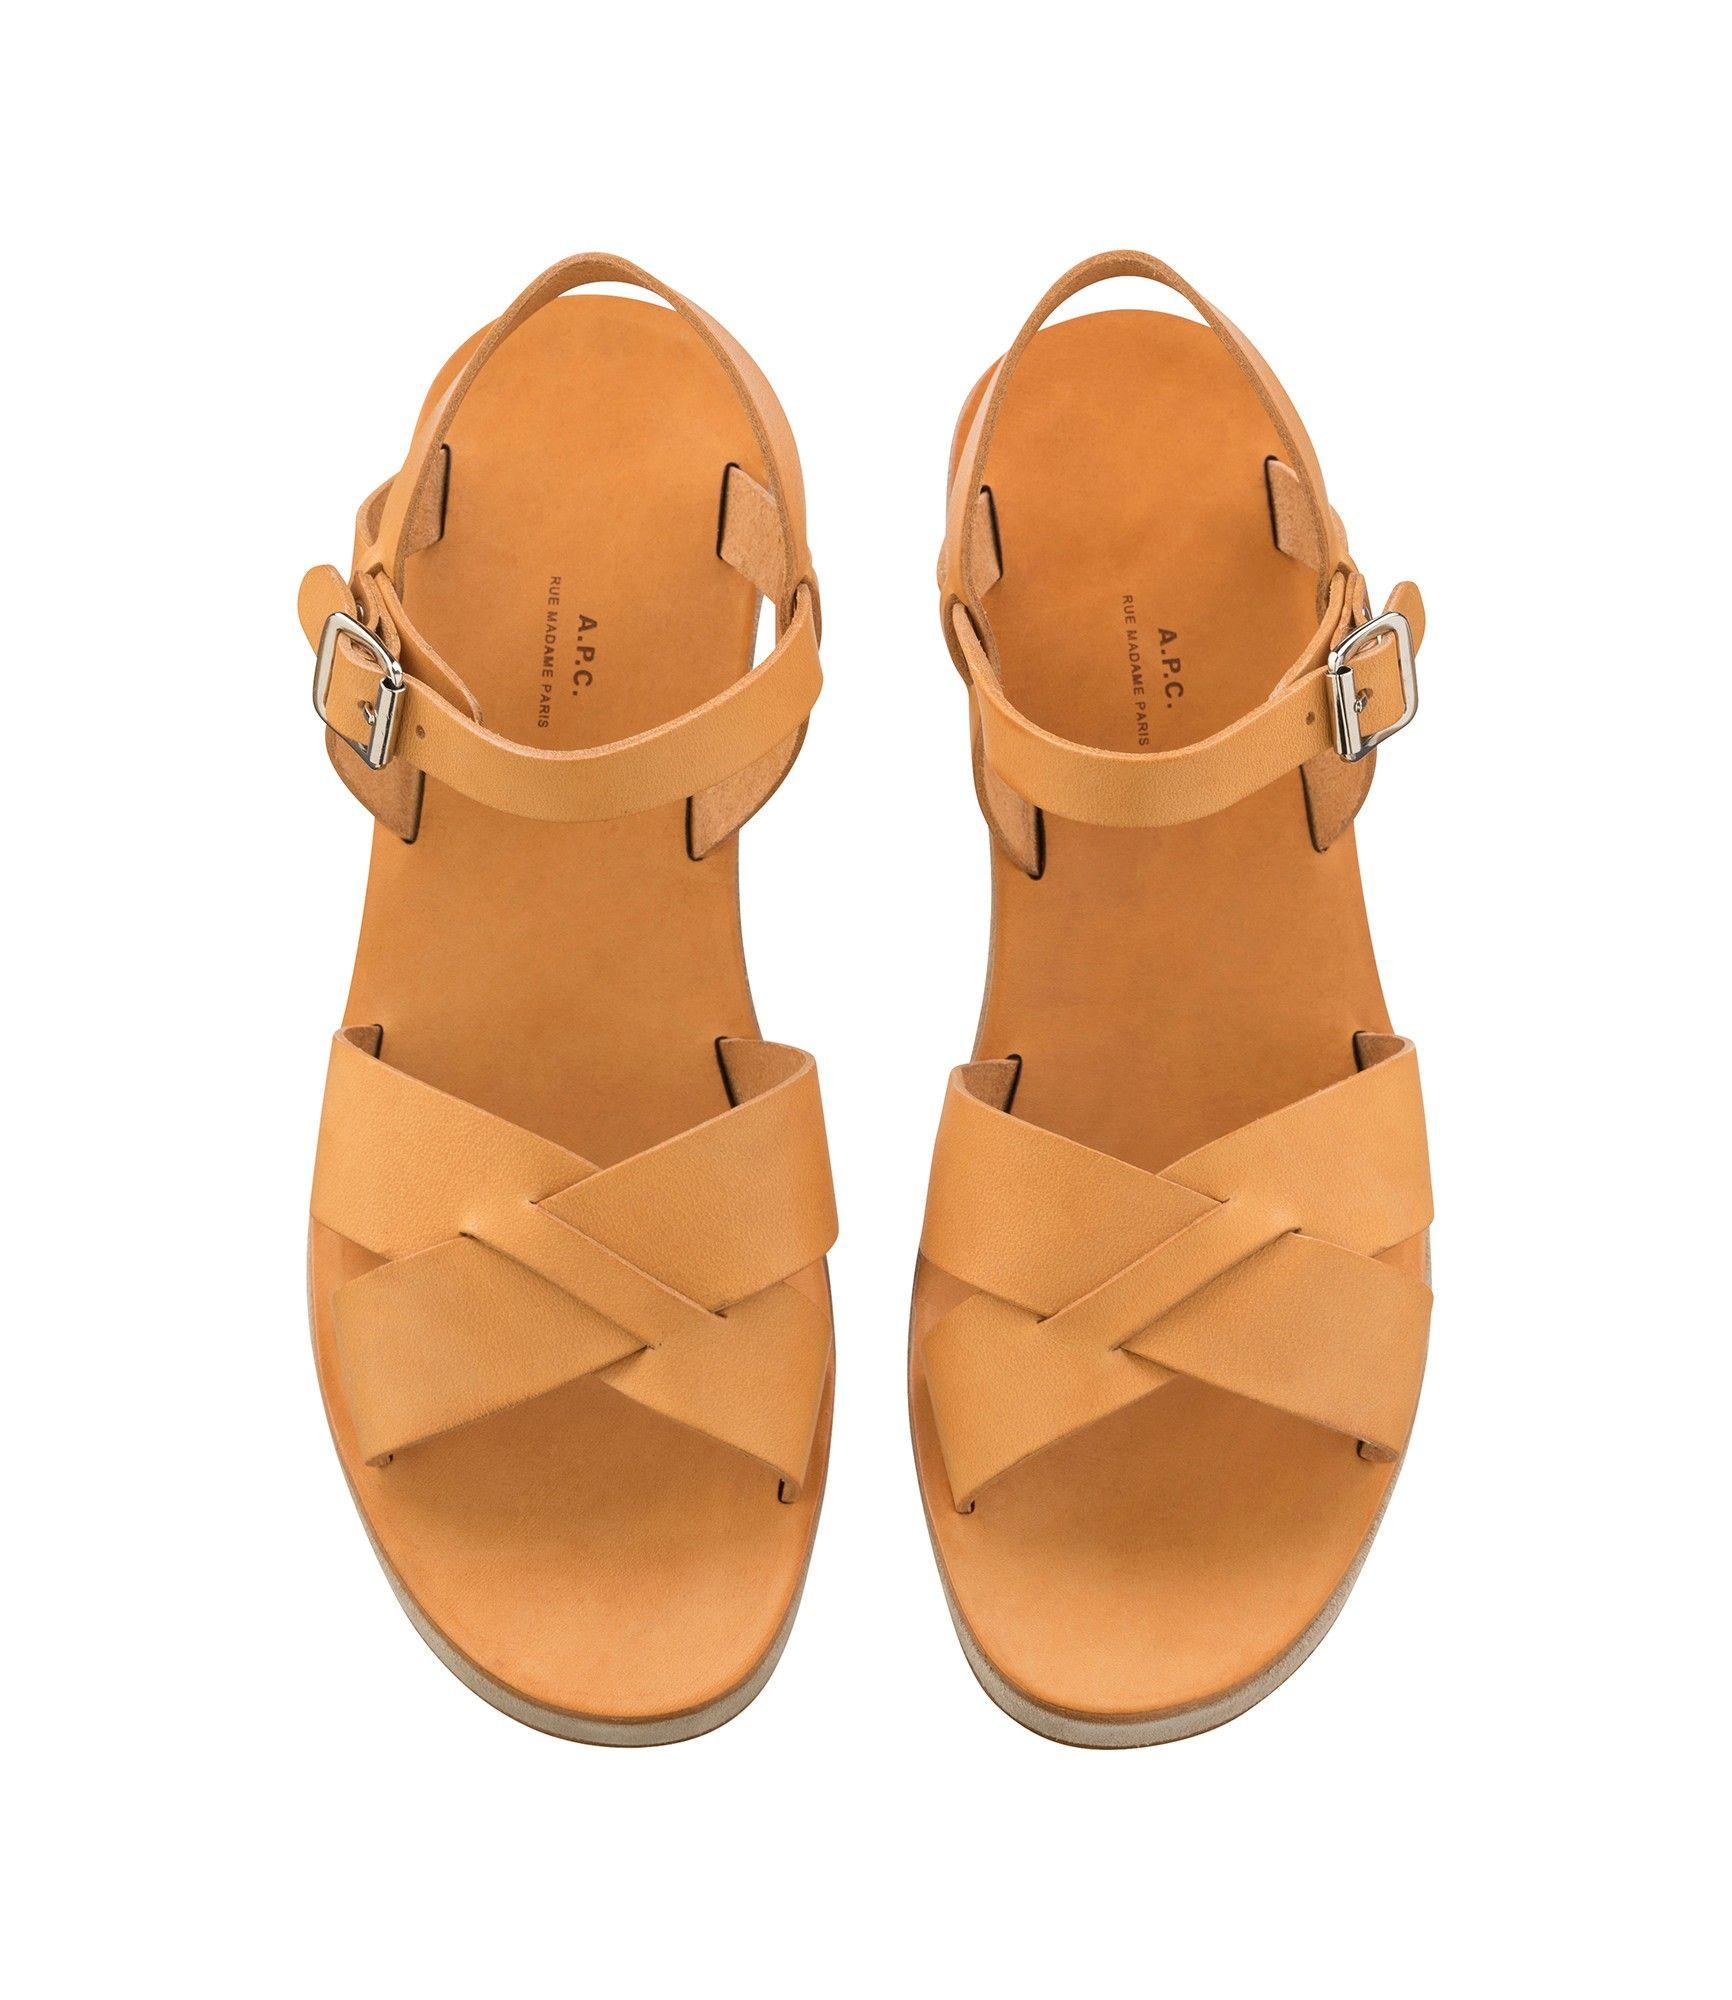 56df64ef99053 Sandales classiques compensées - Chaussures - Femme | Wishlist ...